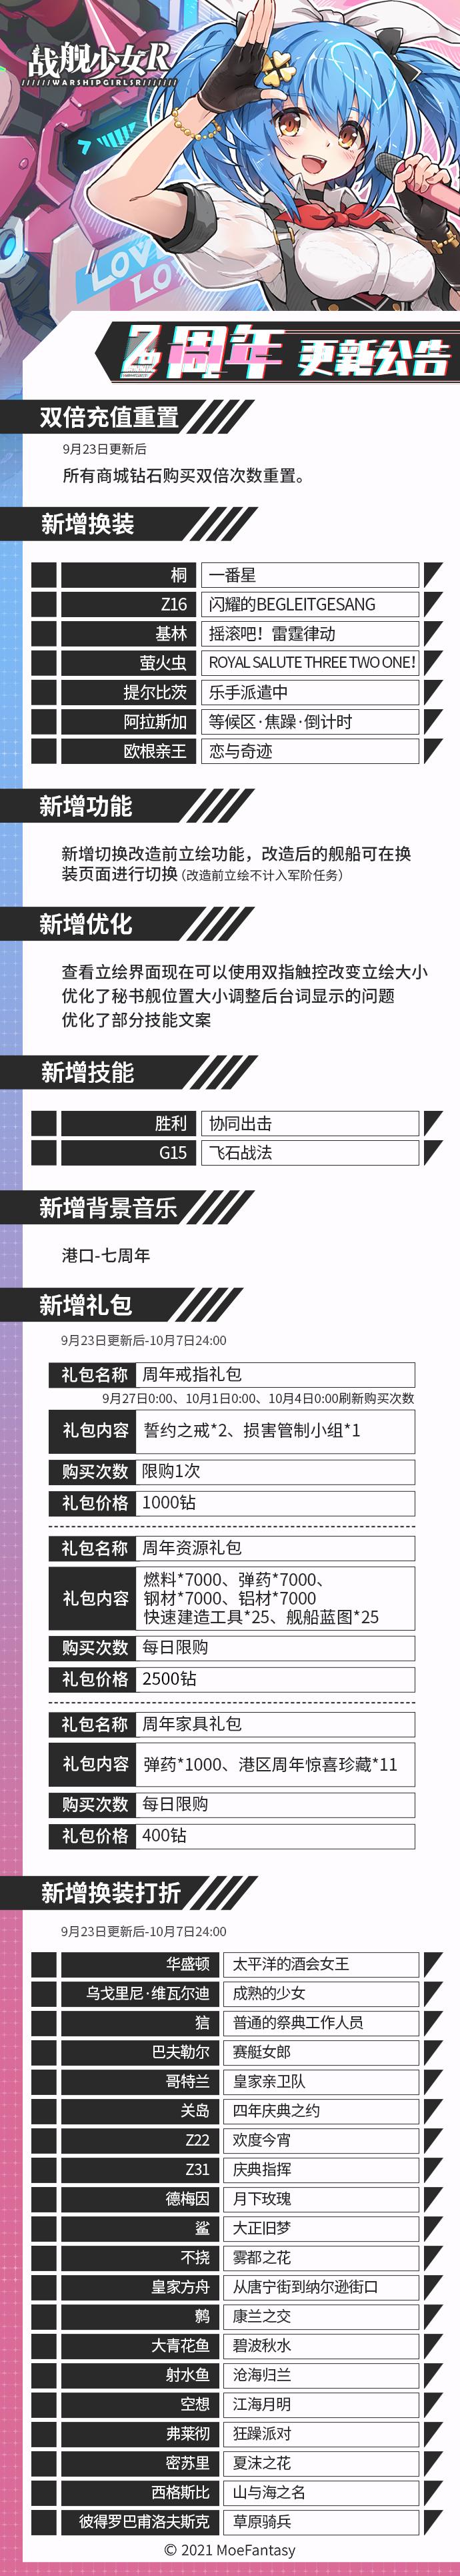 %E6%9B%B4%E6%96%B0%E5%85%AC%E5%91%8A%E6%94%B9(1).png